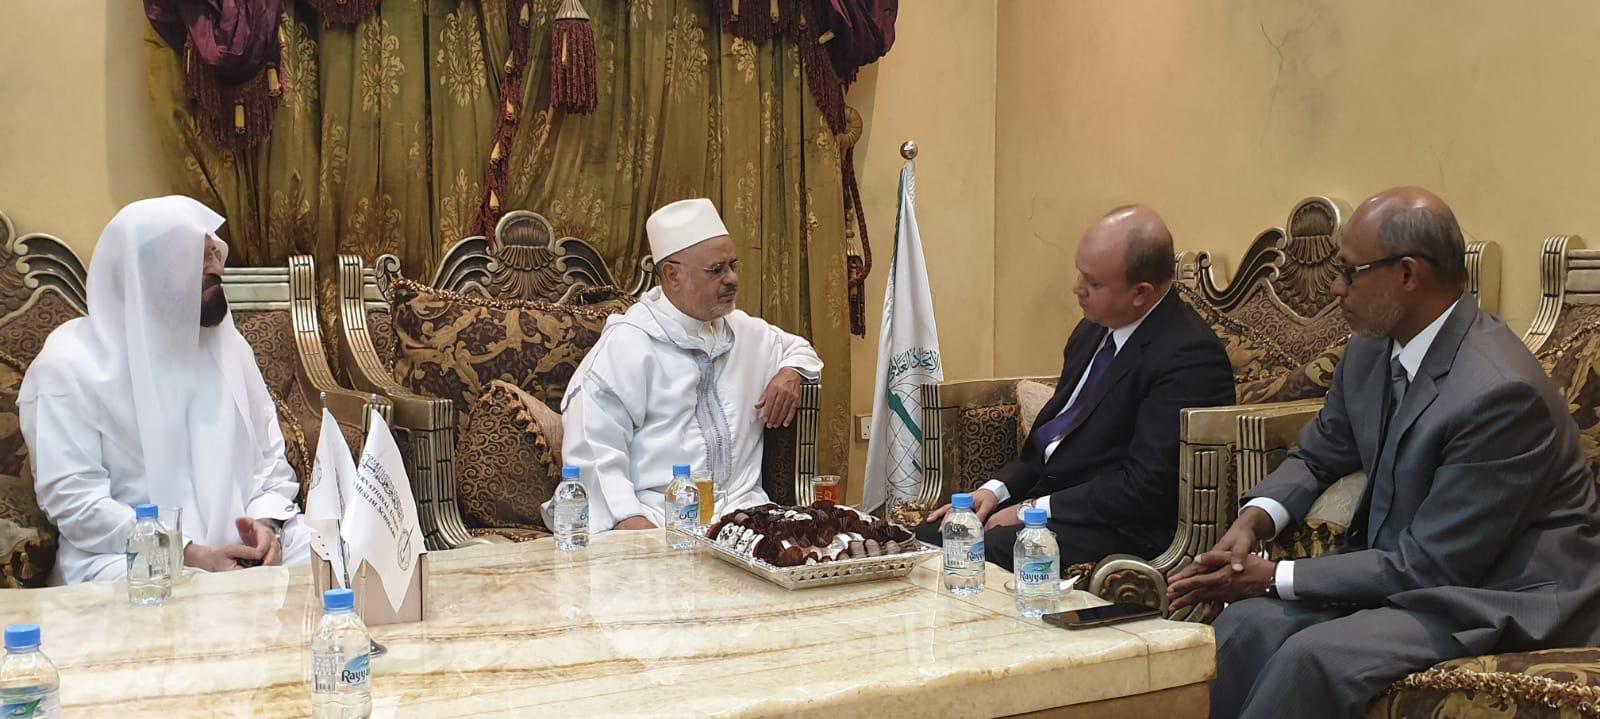 الرئيس يستقبل وفداً من الجامعة الإسلامية بولاية كيرالا الهندية